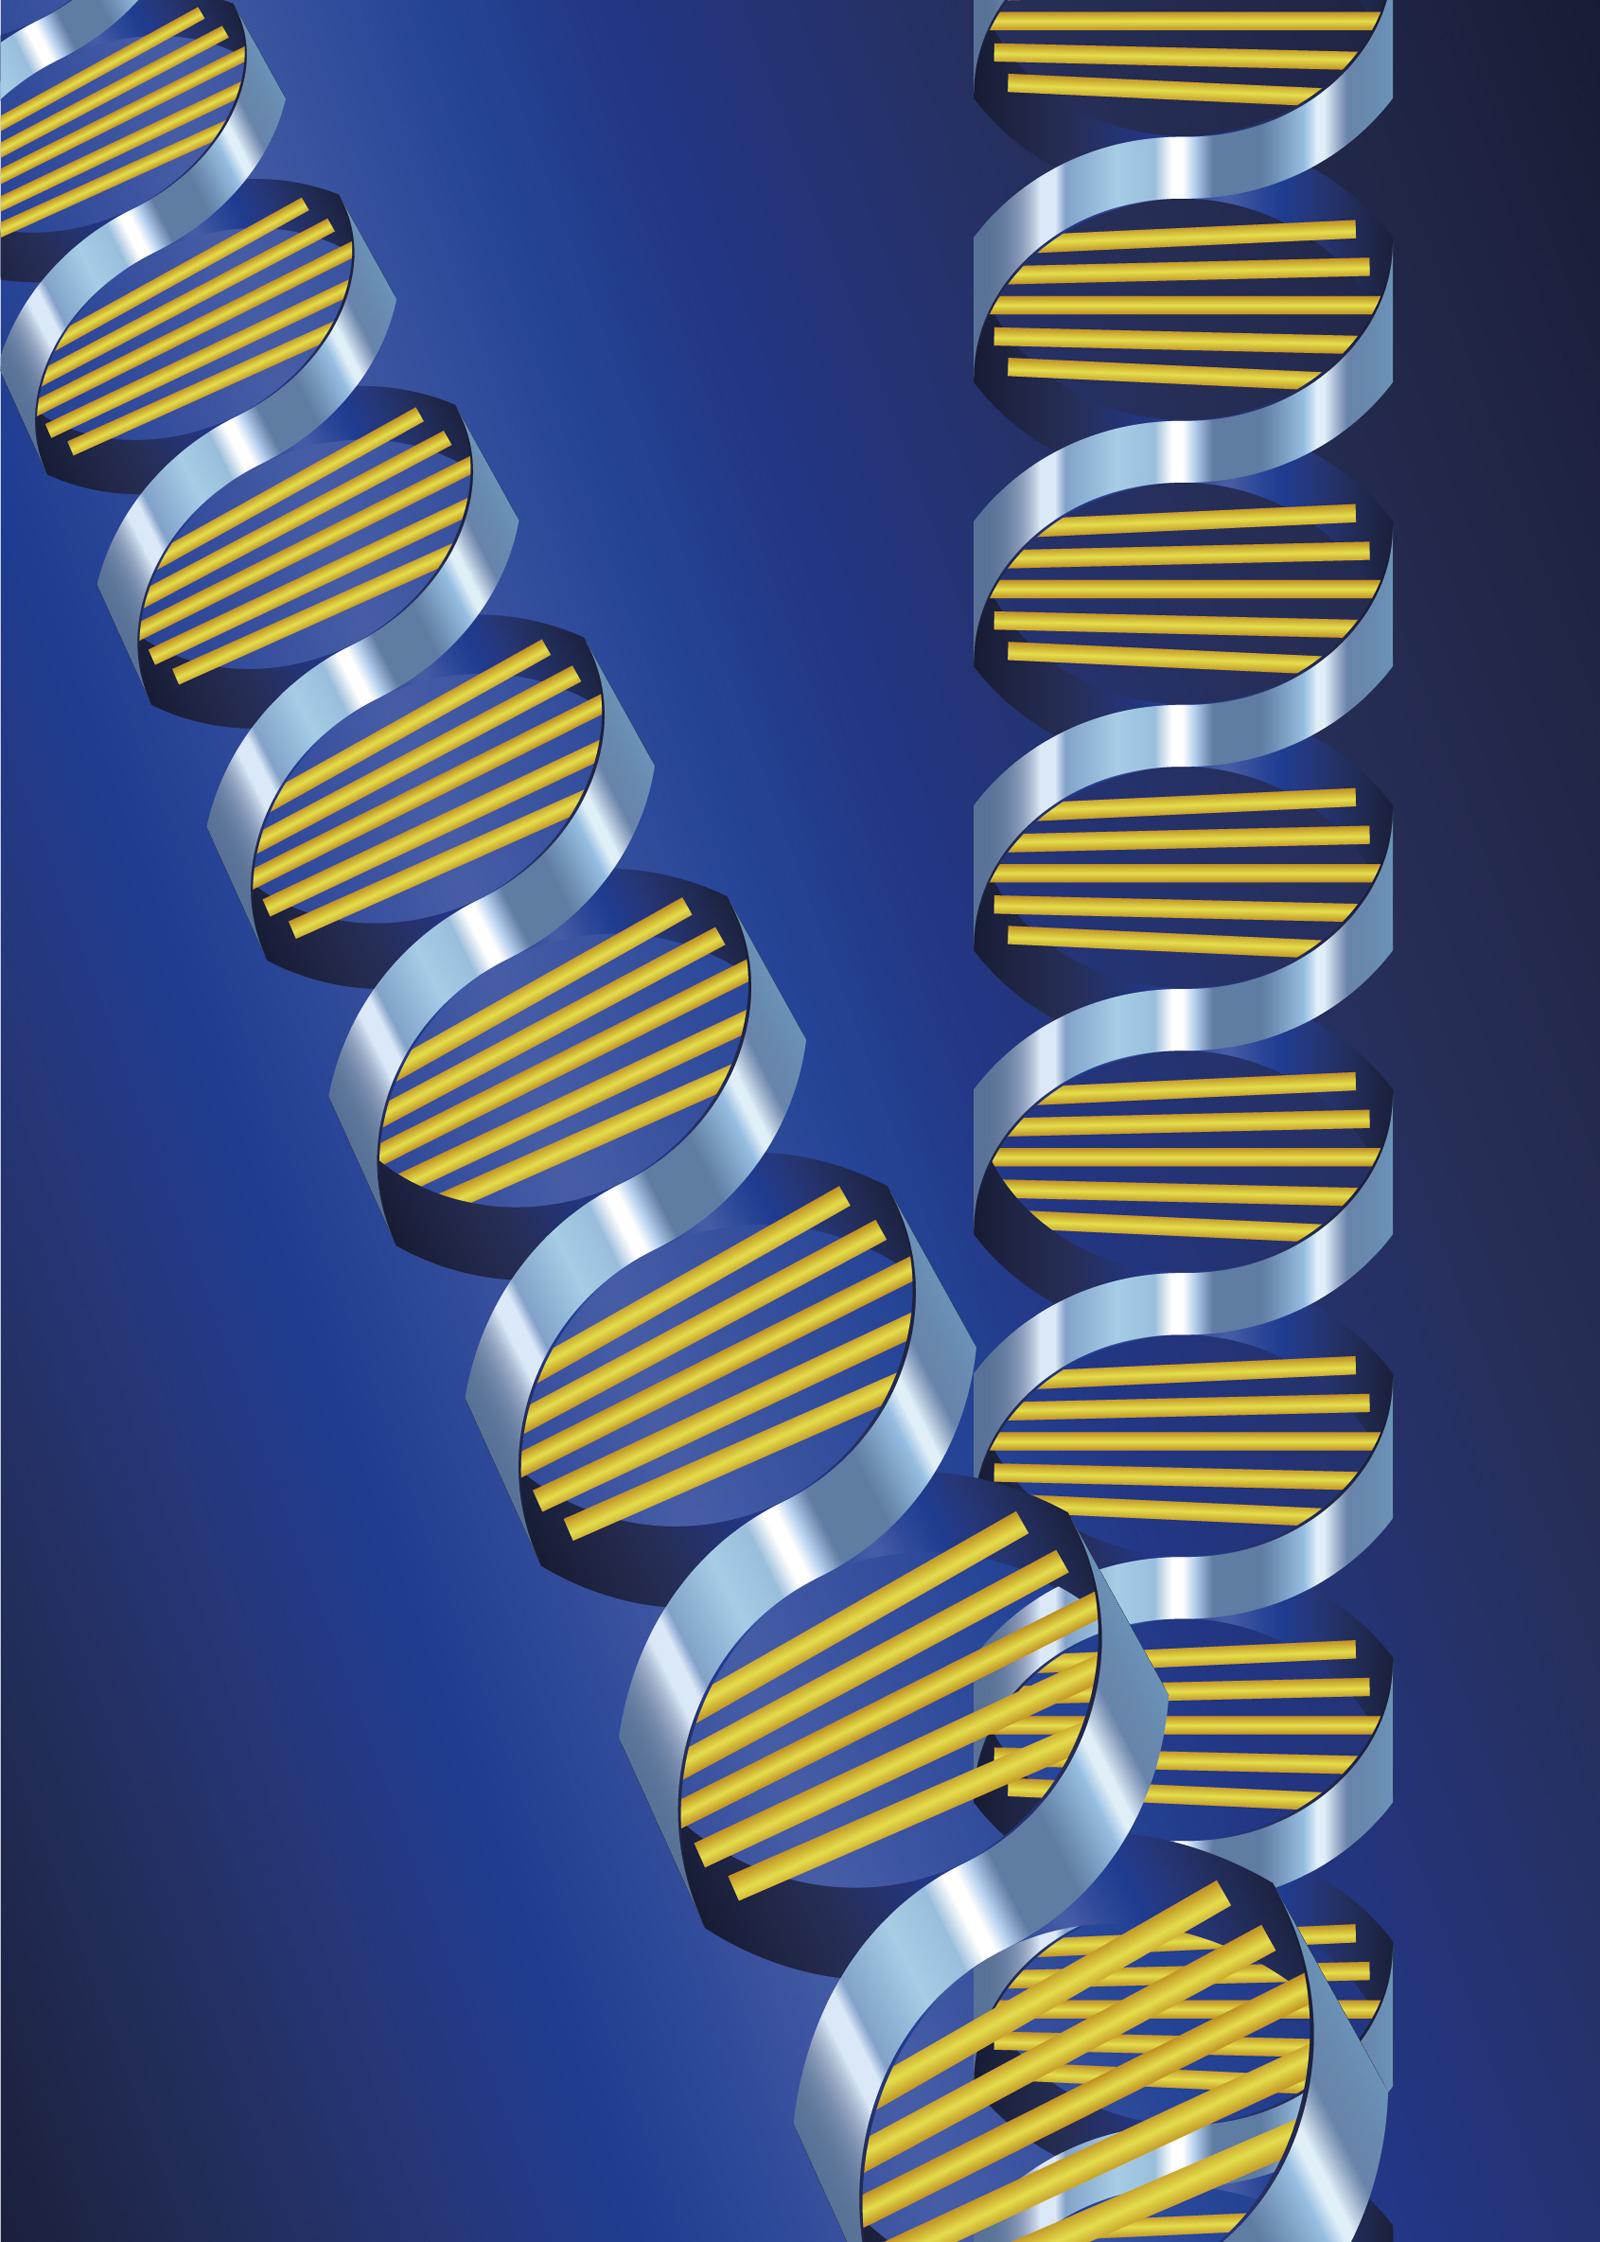 遺伝子を活かす方法について